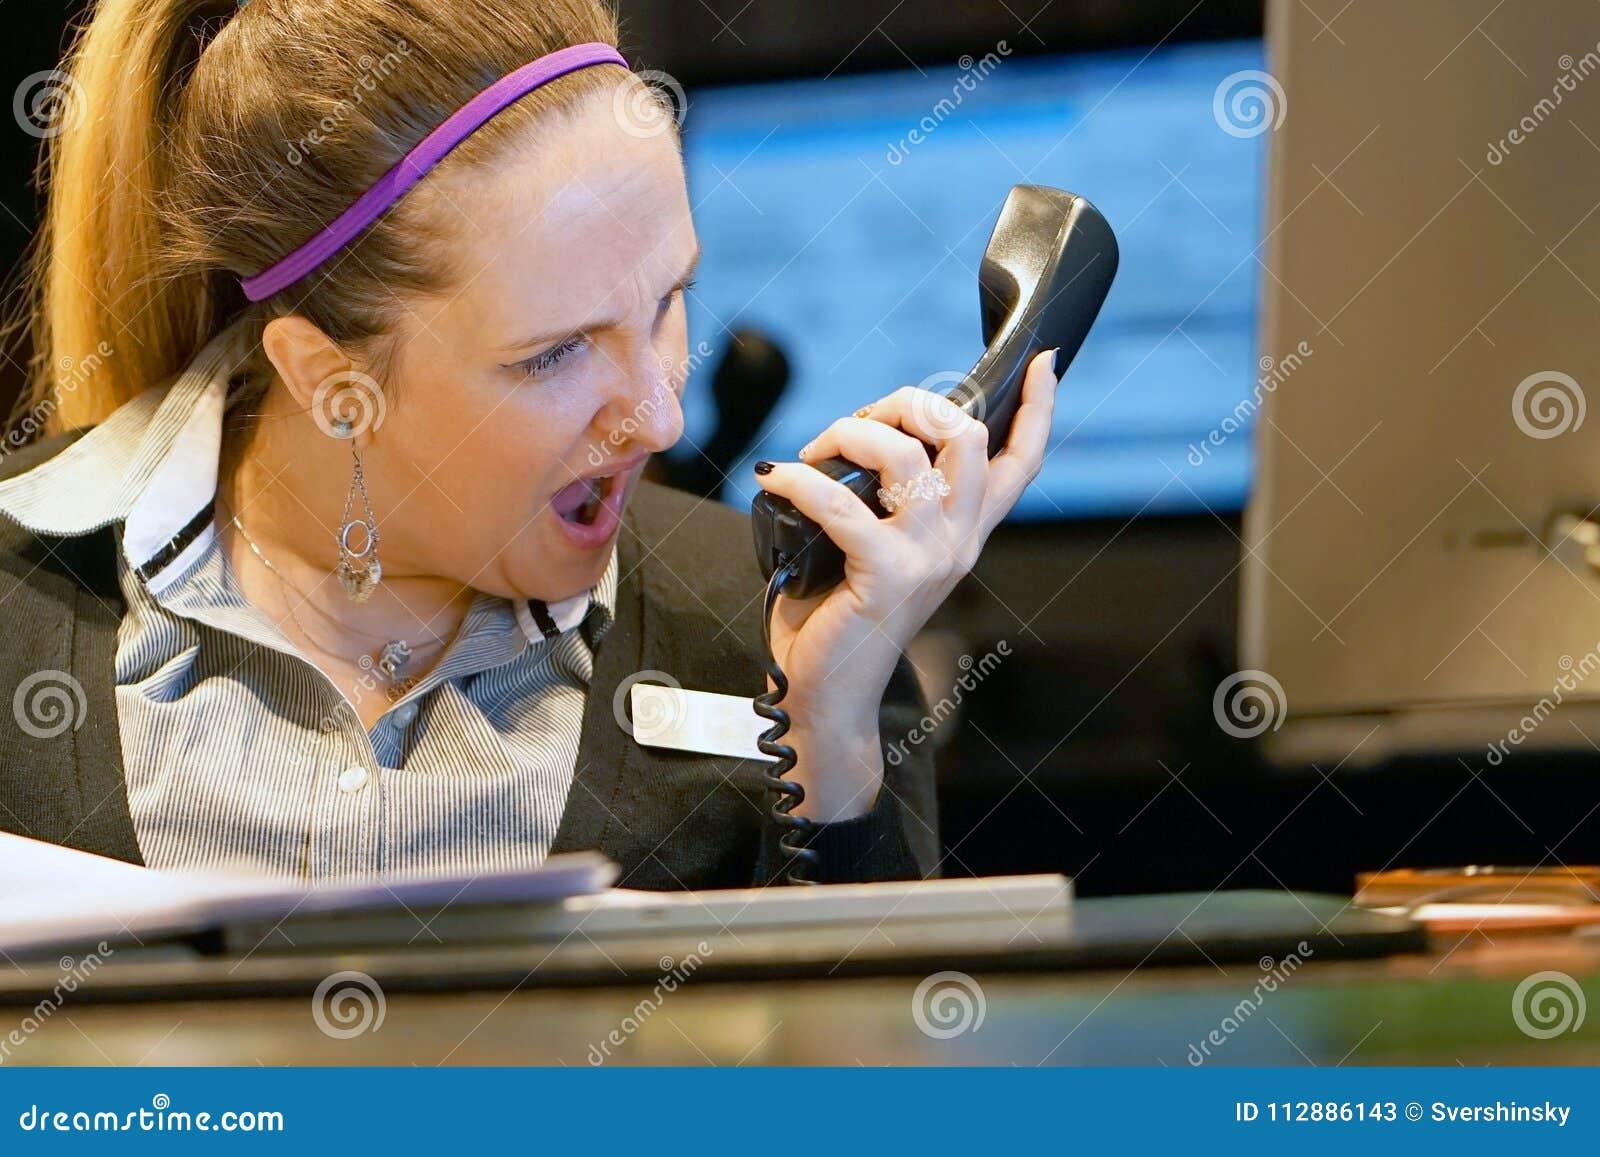 Η γυναίκα ορκίζεται με τον πελάτη τηλεφωνικώς